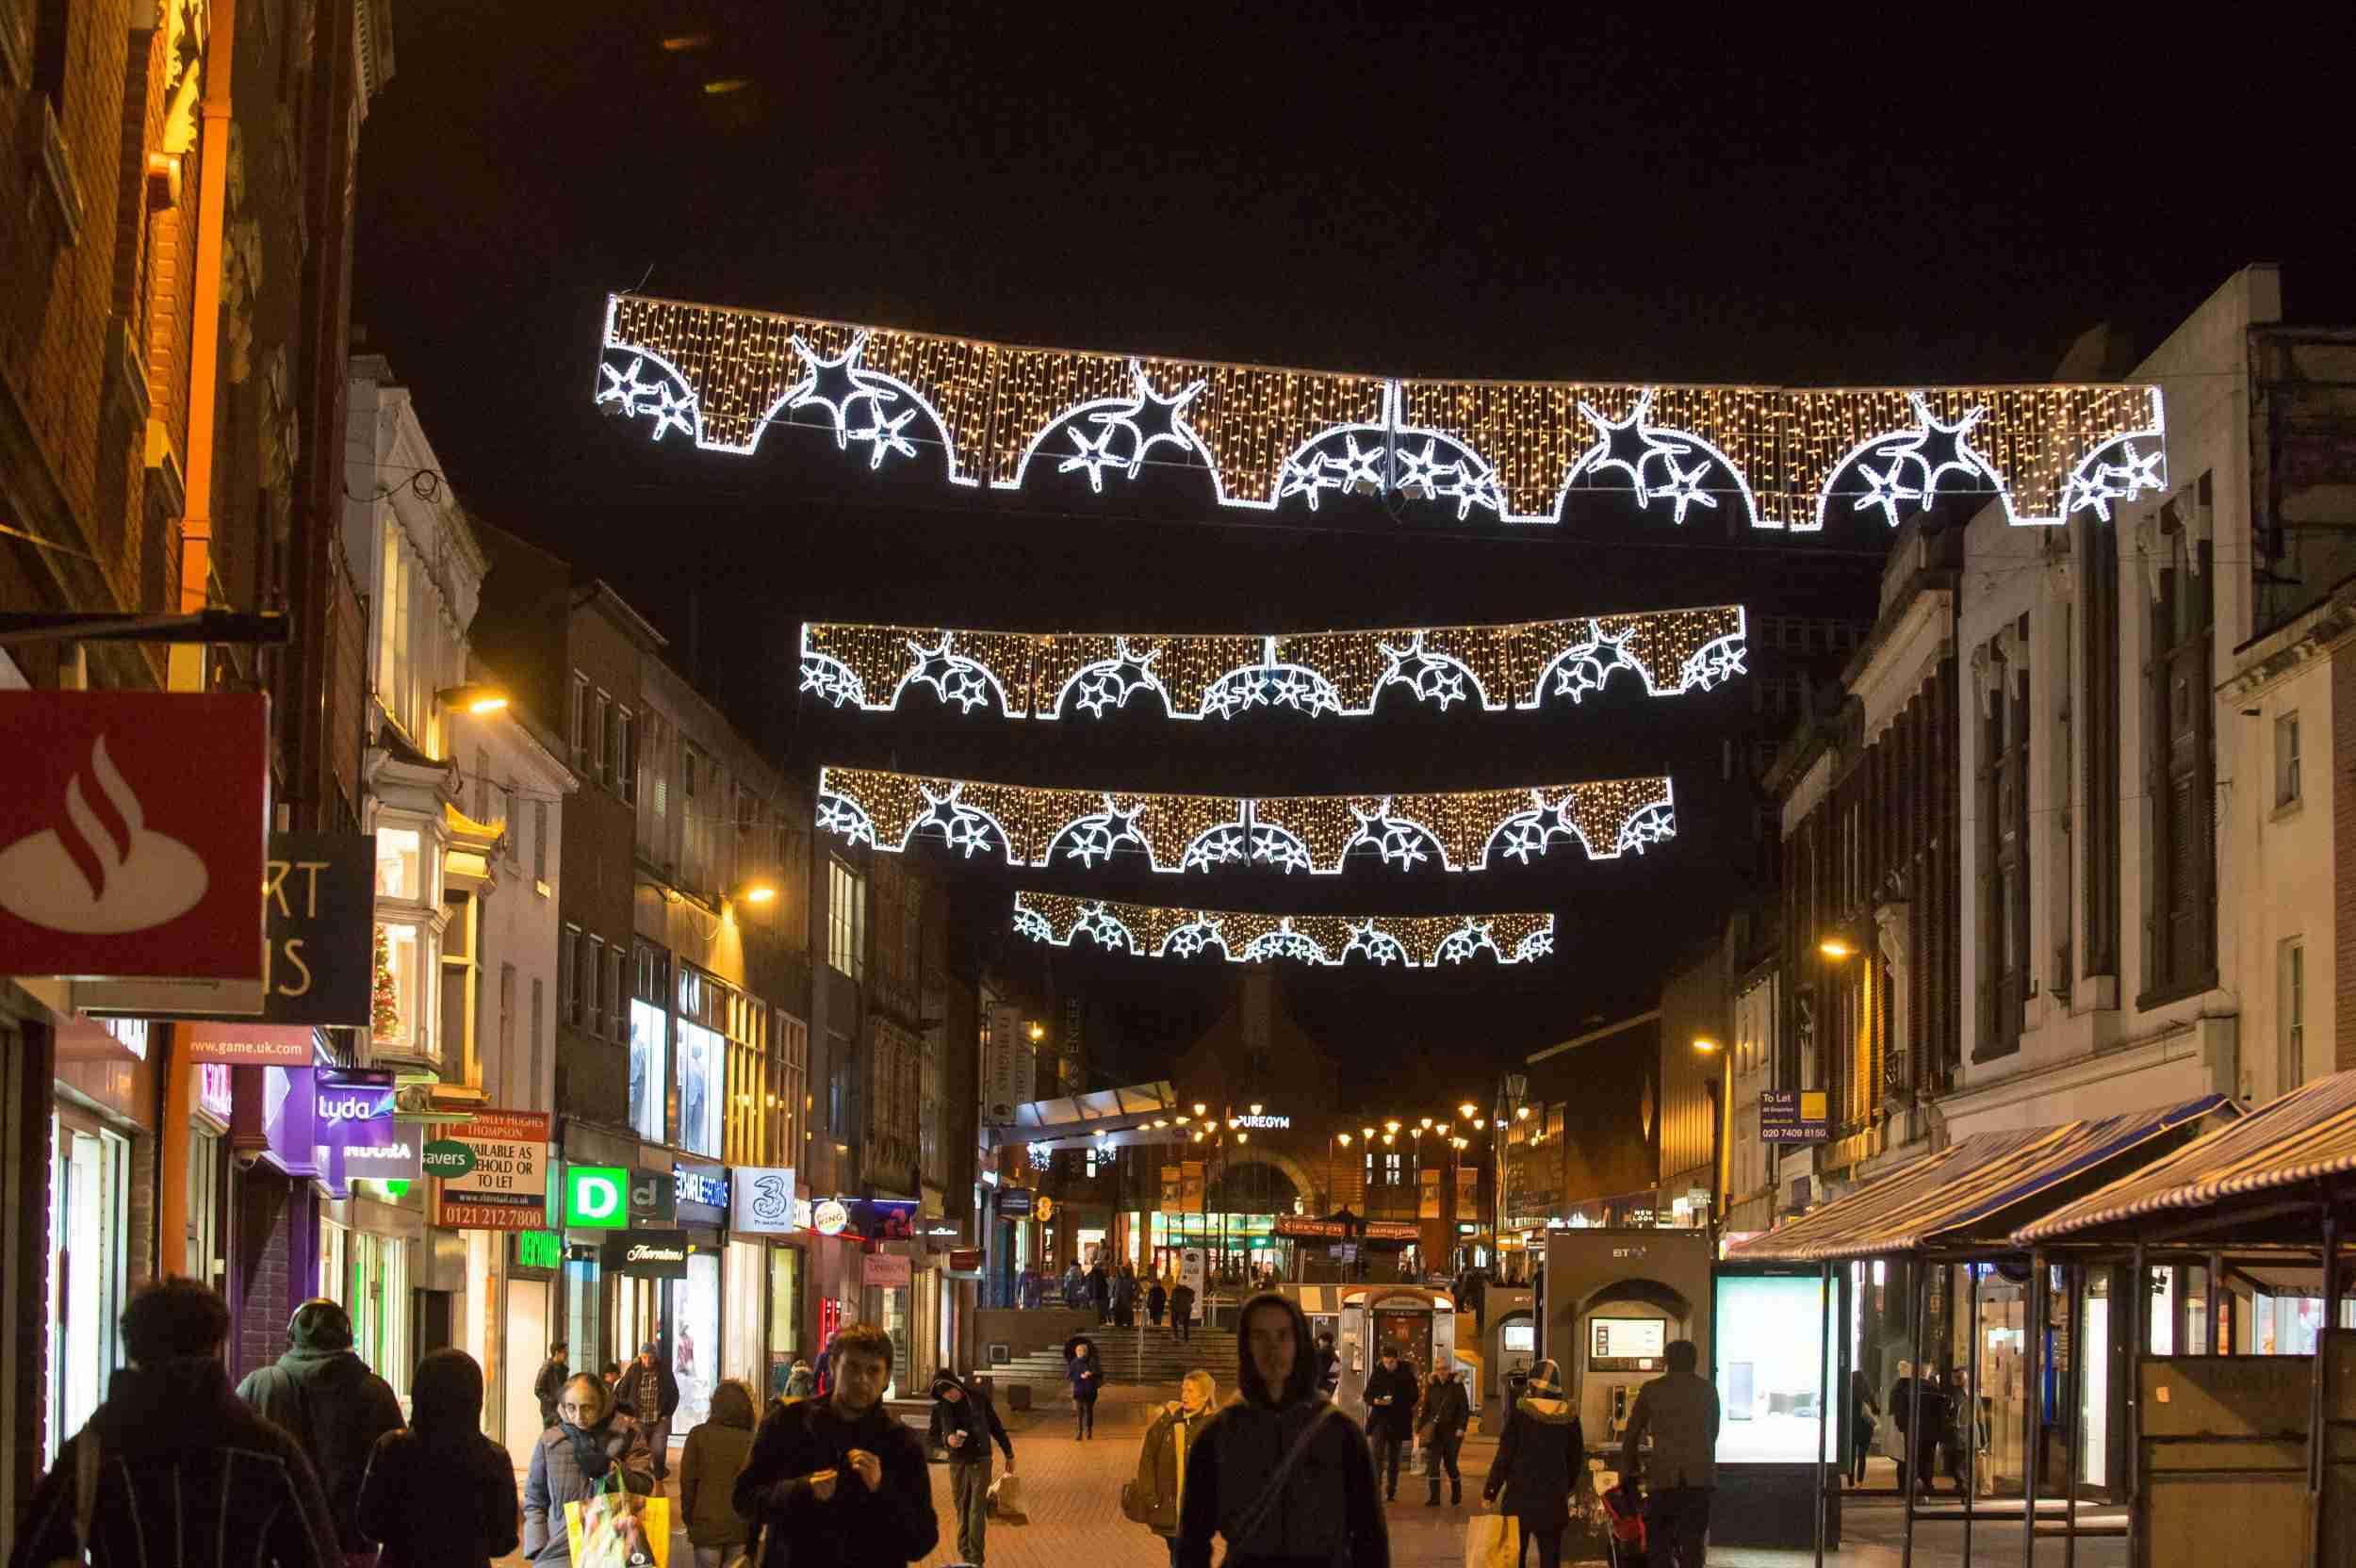 イギリスのクリスマスイルミネーションに苦情殺到「まるでパンツ」